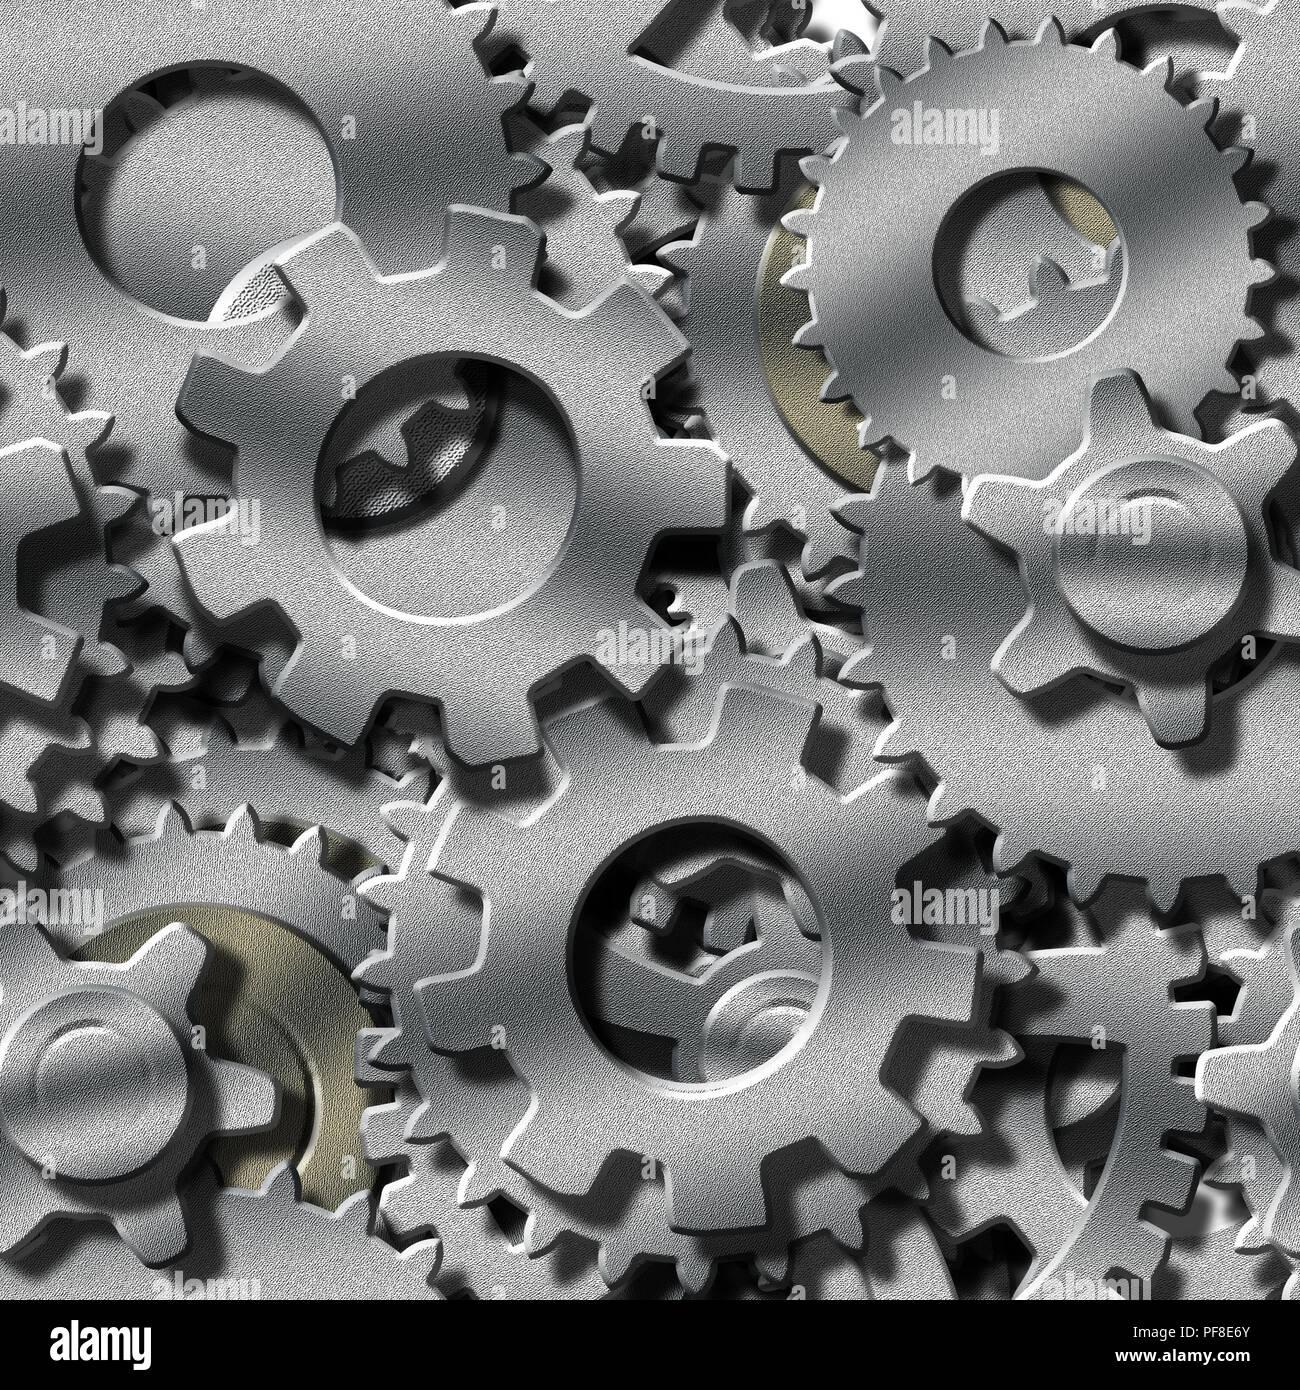 3 Dimensional Metal Gears - Stock Image